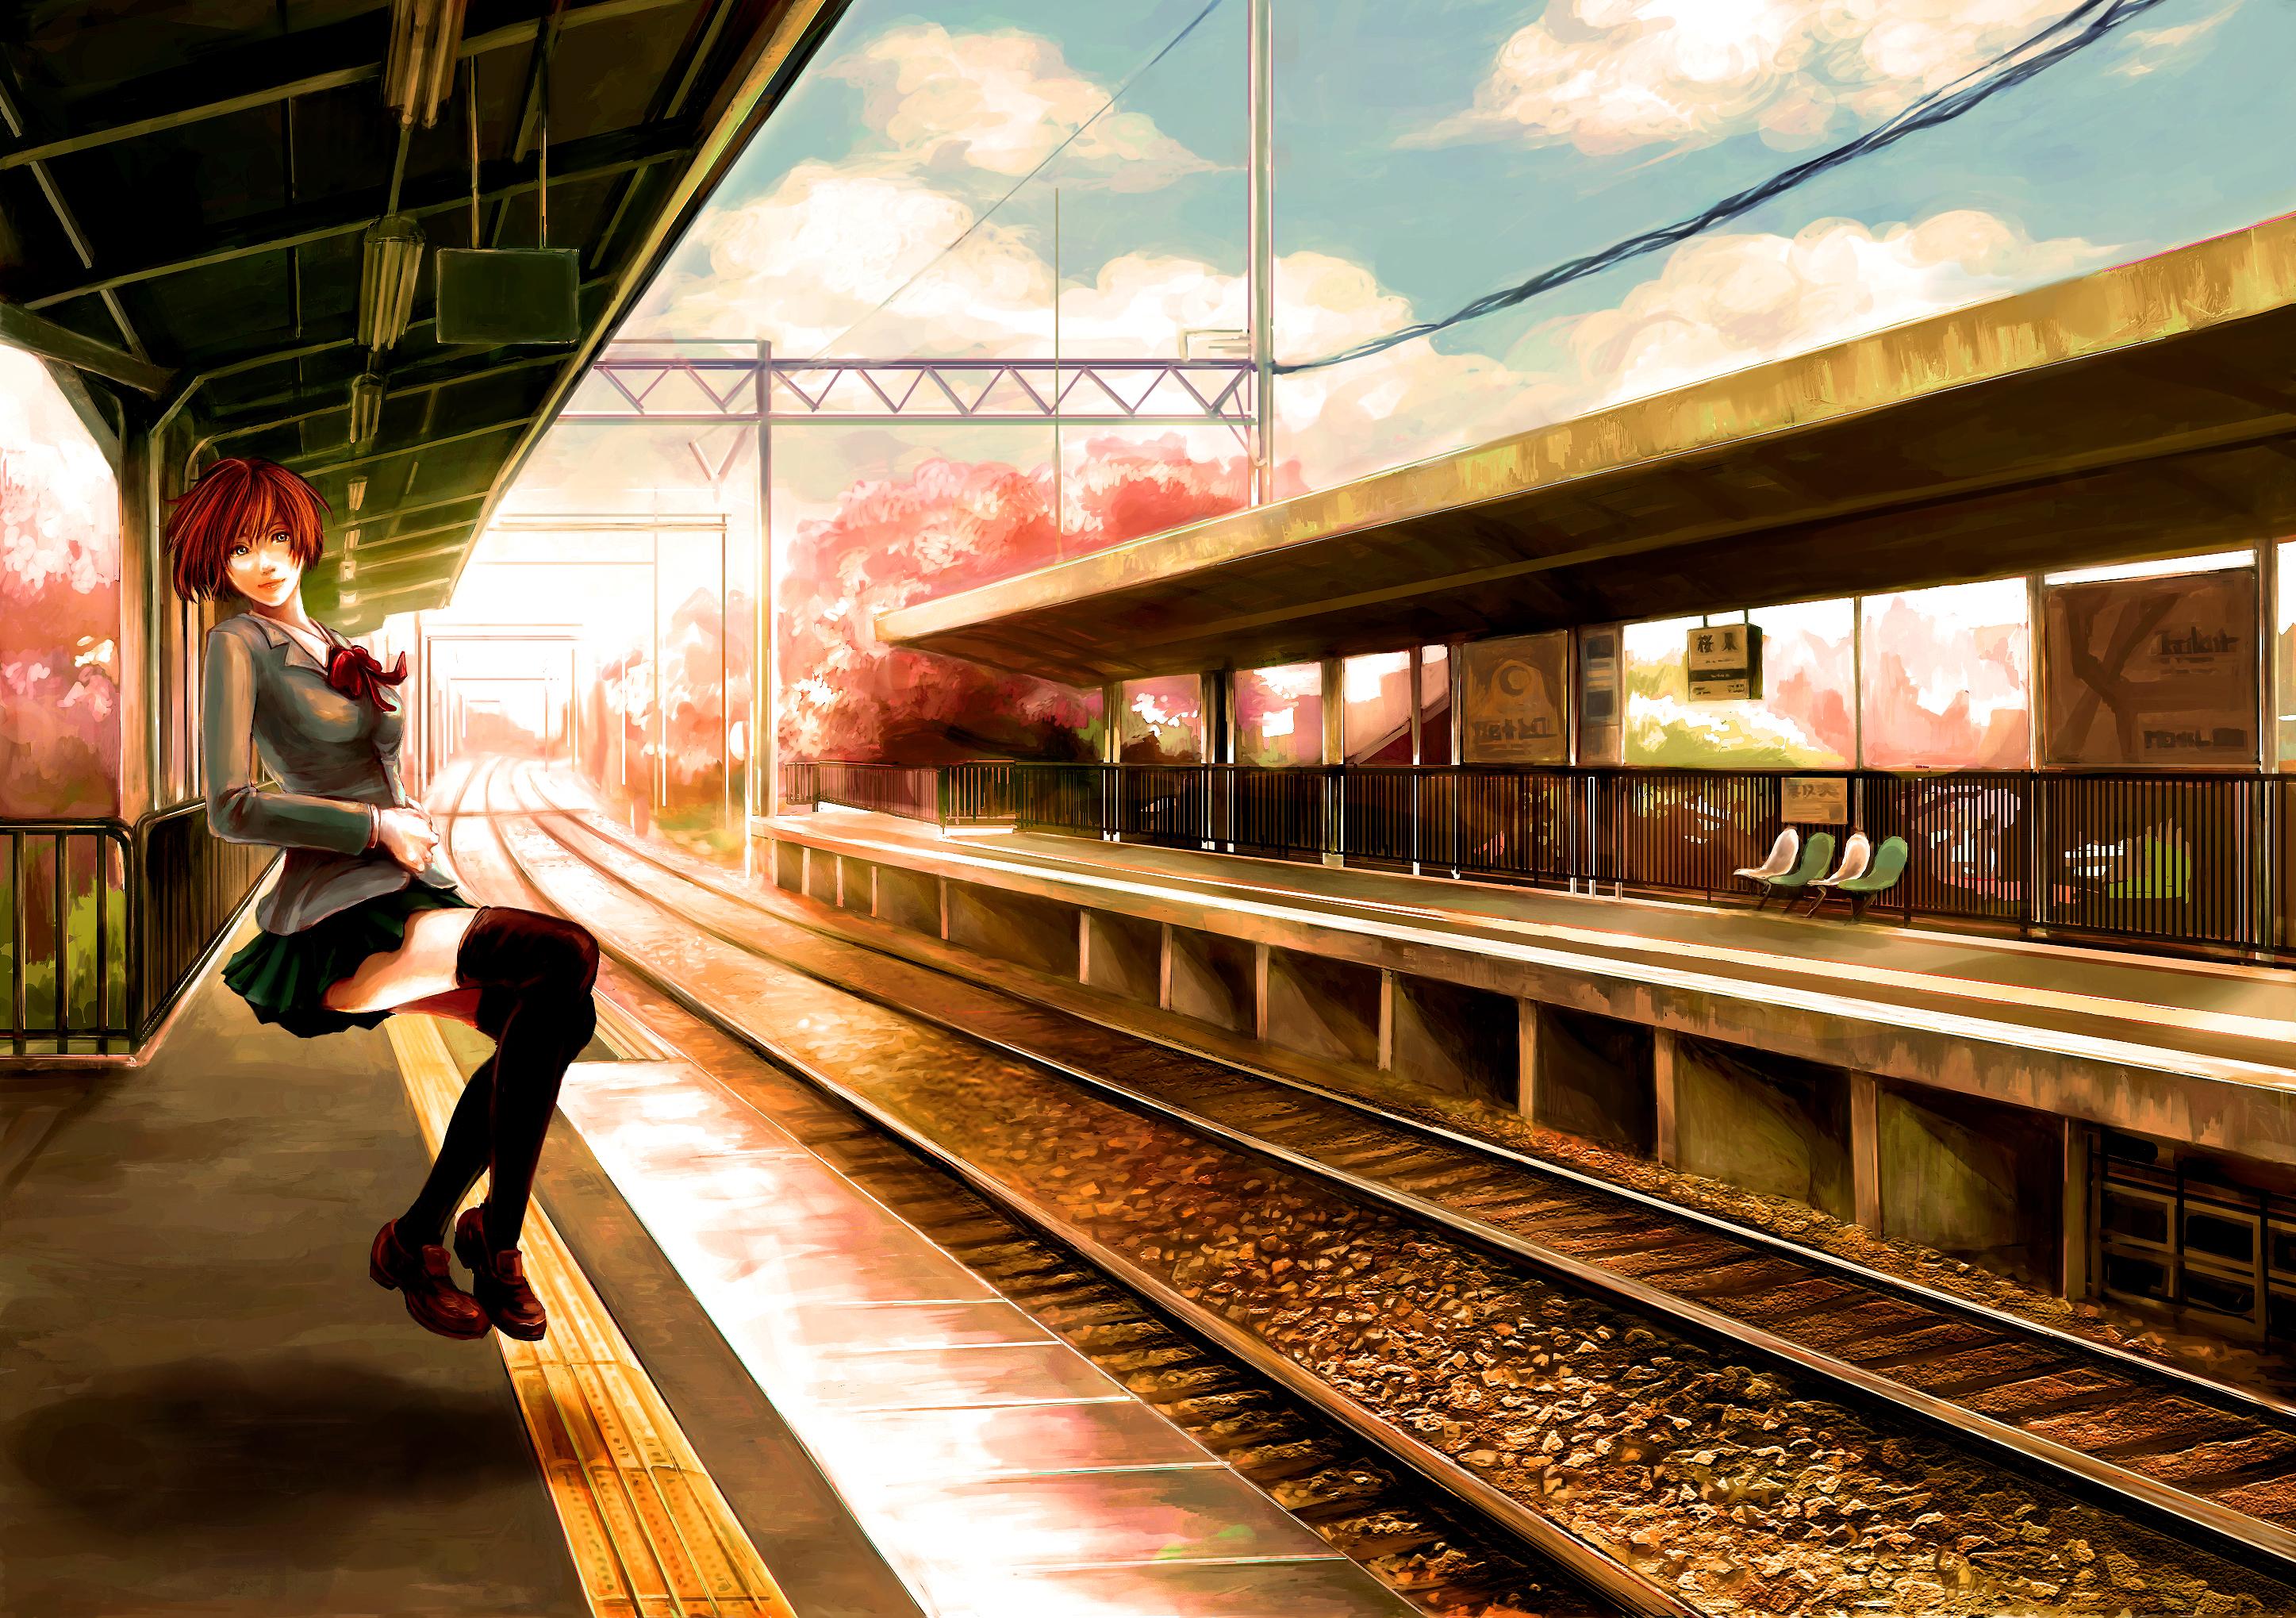 аниме девушка рельсы станция anime girl rails station скачать